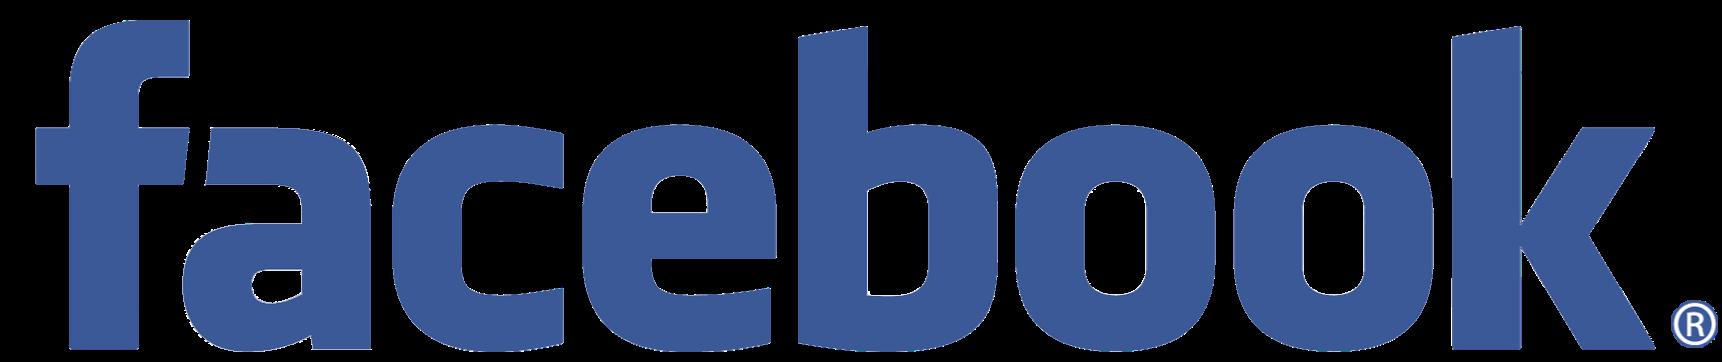 От дизайна аватарок во «ВКонтакте» до редизайна Telegram